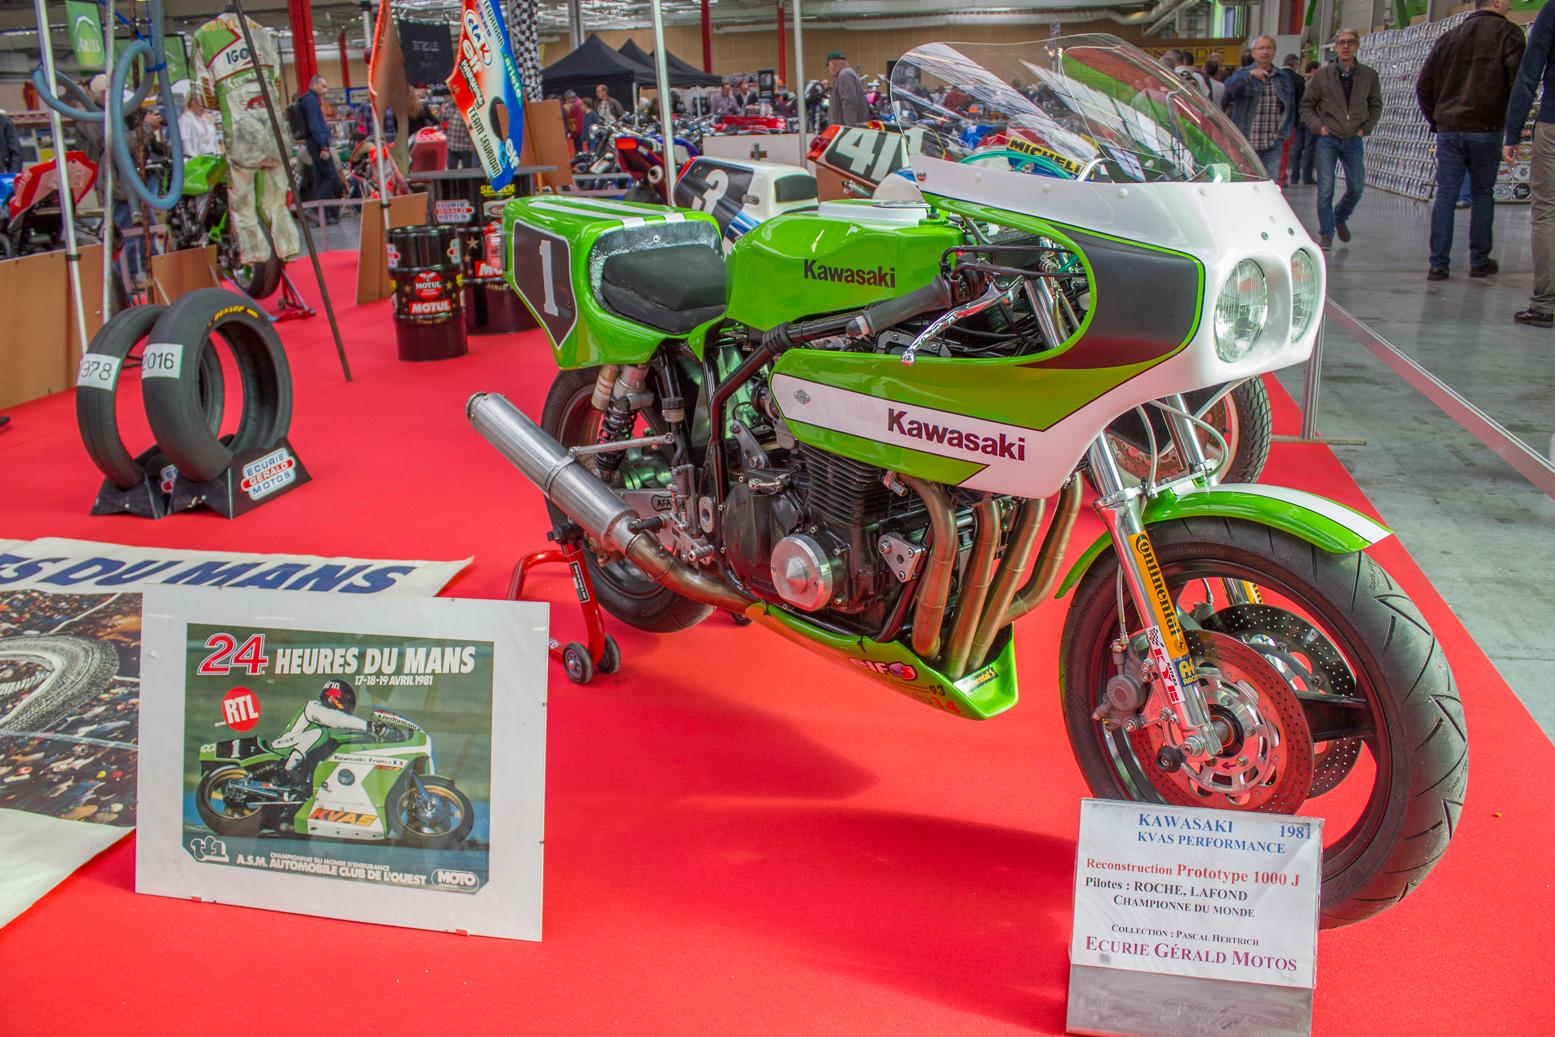 Kawasaki 1000 J